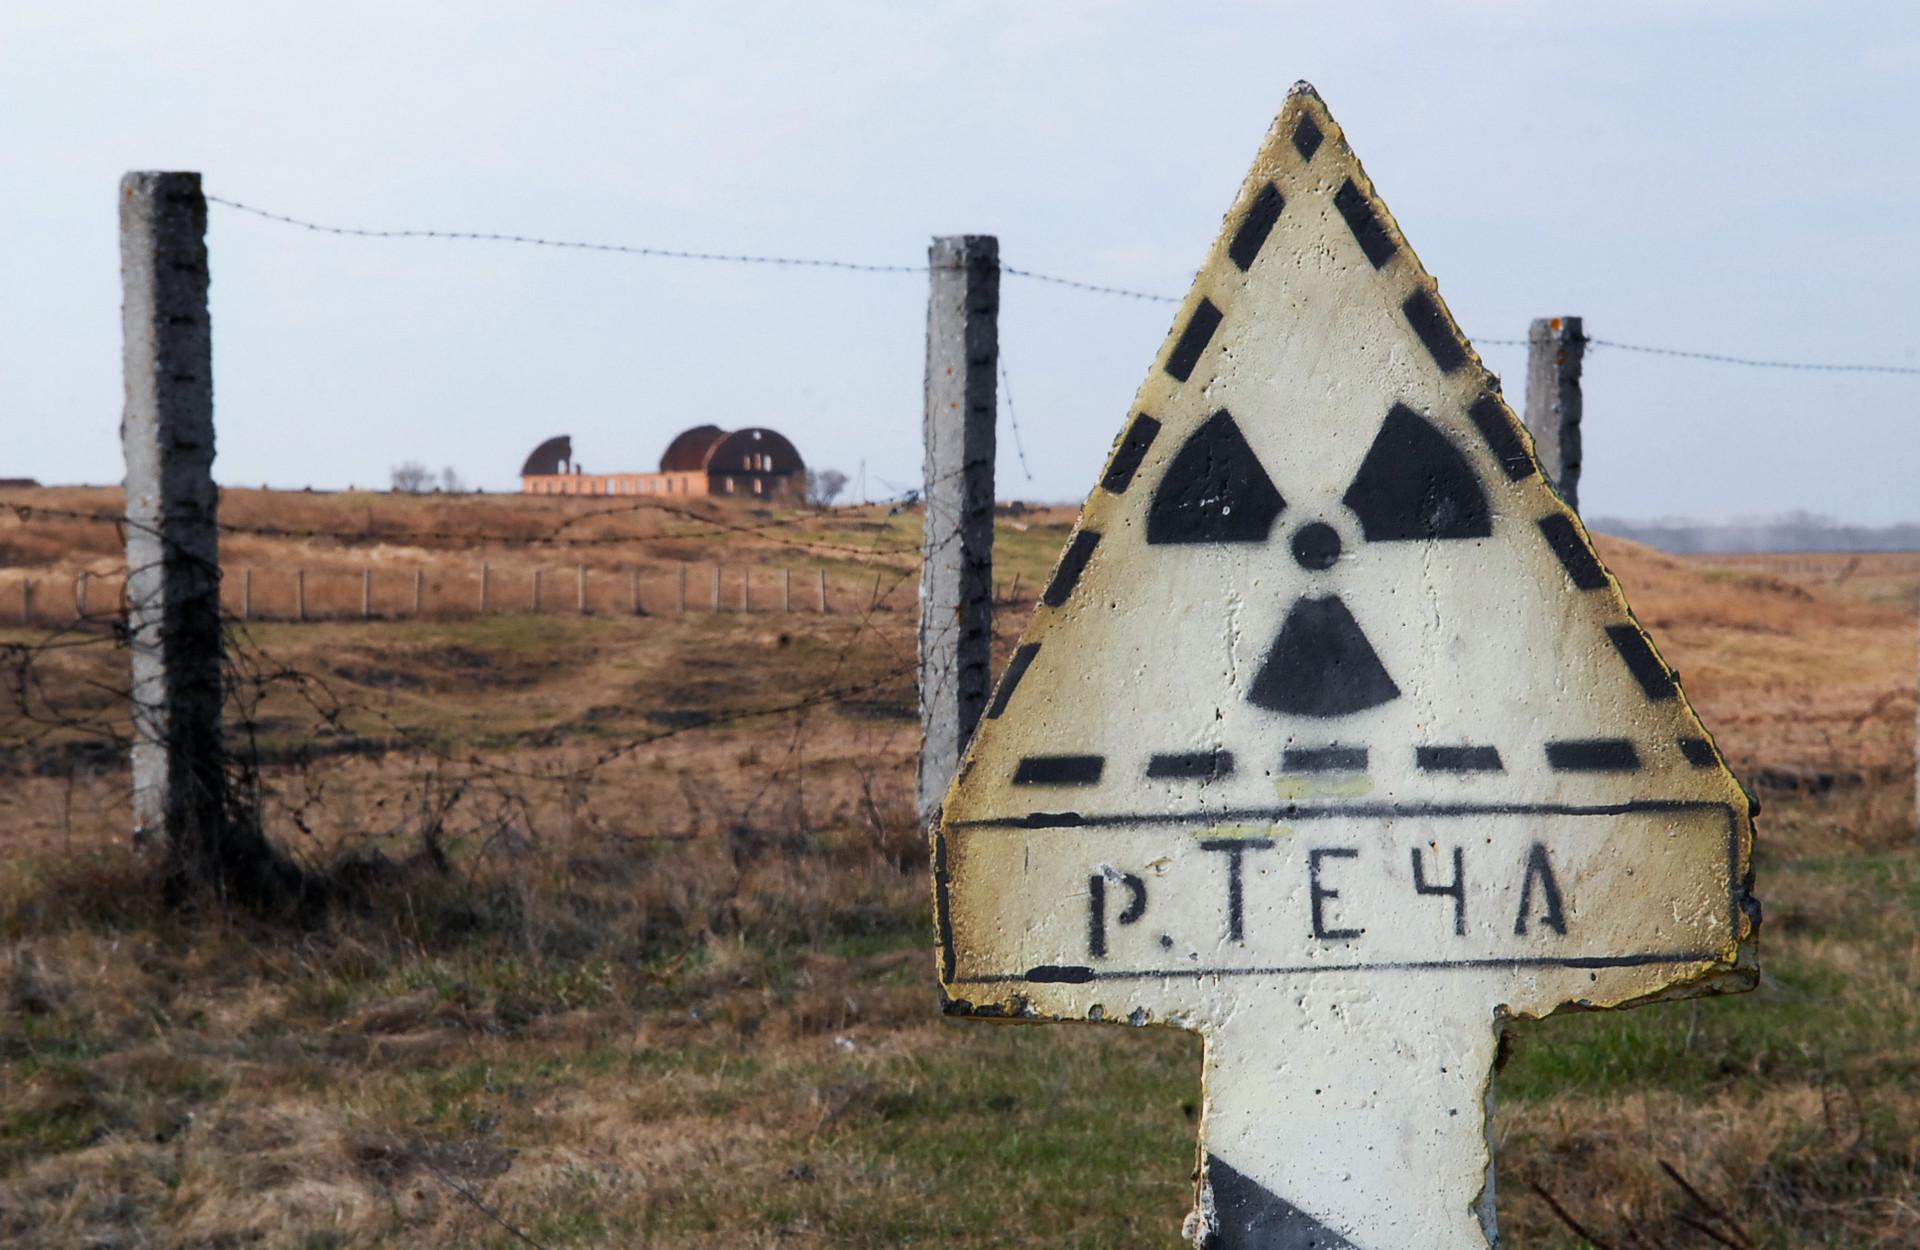 Знак за предупреждение за висока радиационна зона в село Муслимово, след замърсяване с радиация от завода за преработка на ядрено гориво